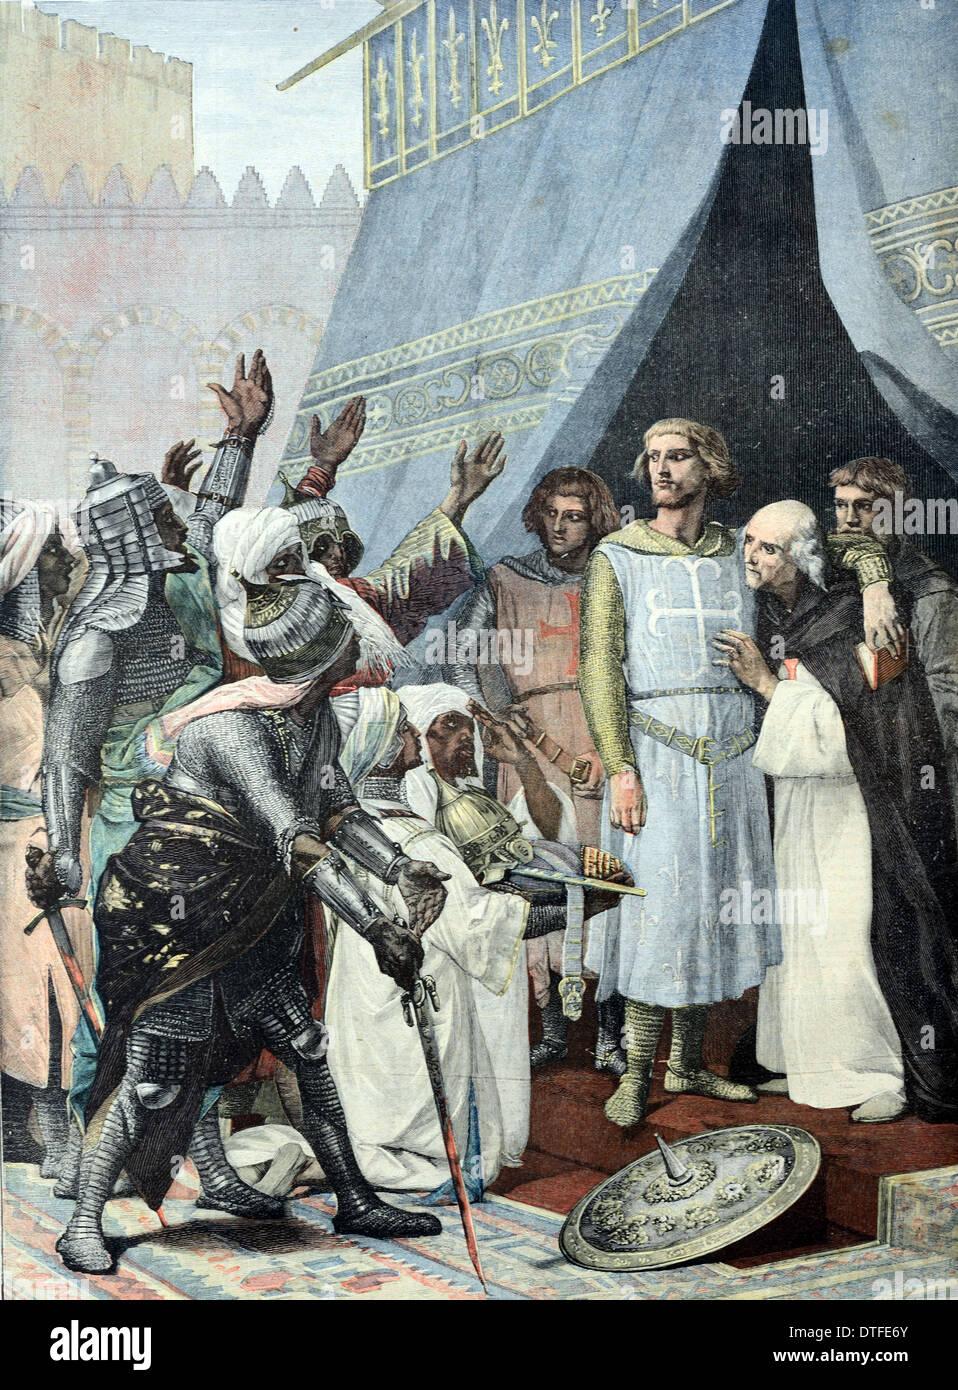 El rey Luis IX o San Luis IX Santa católica y el rey de Francia (1214-1270) en Jerusalén durante la Séptima Cruzada (c1248) Foto de stock